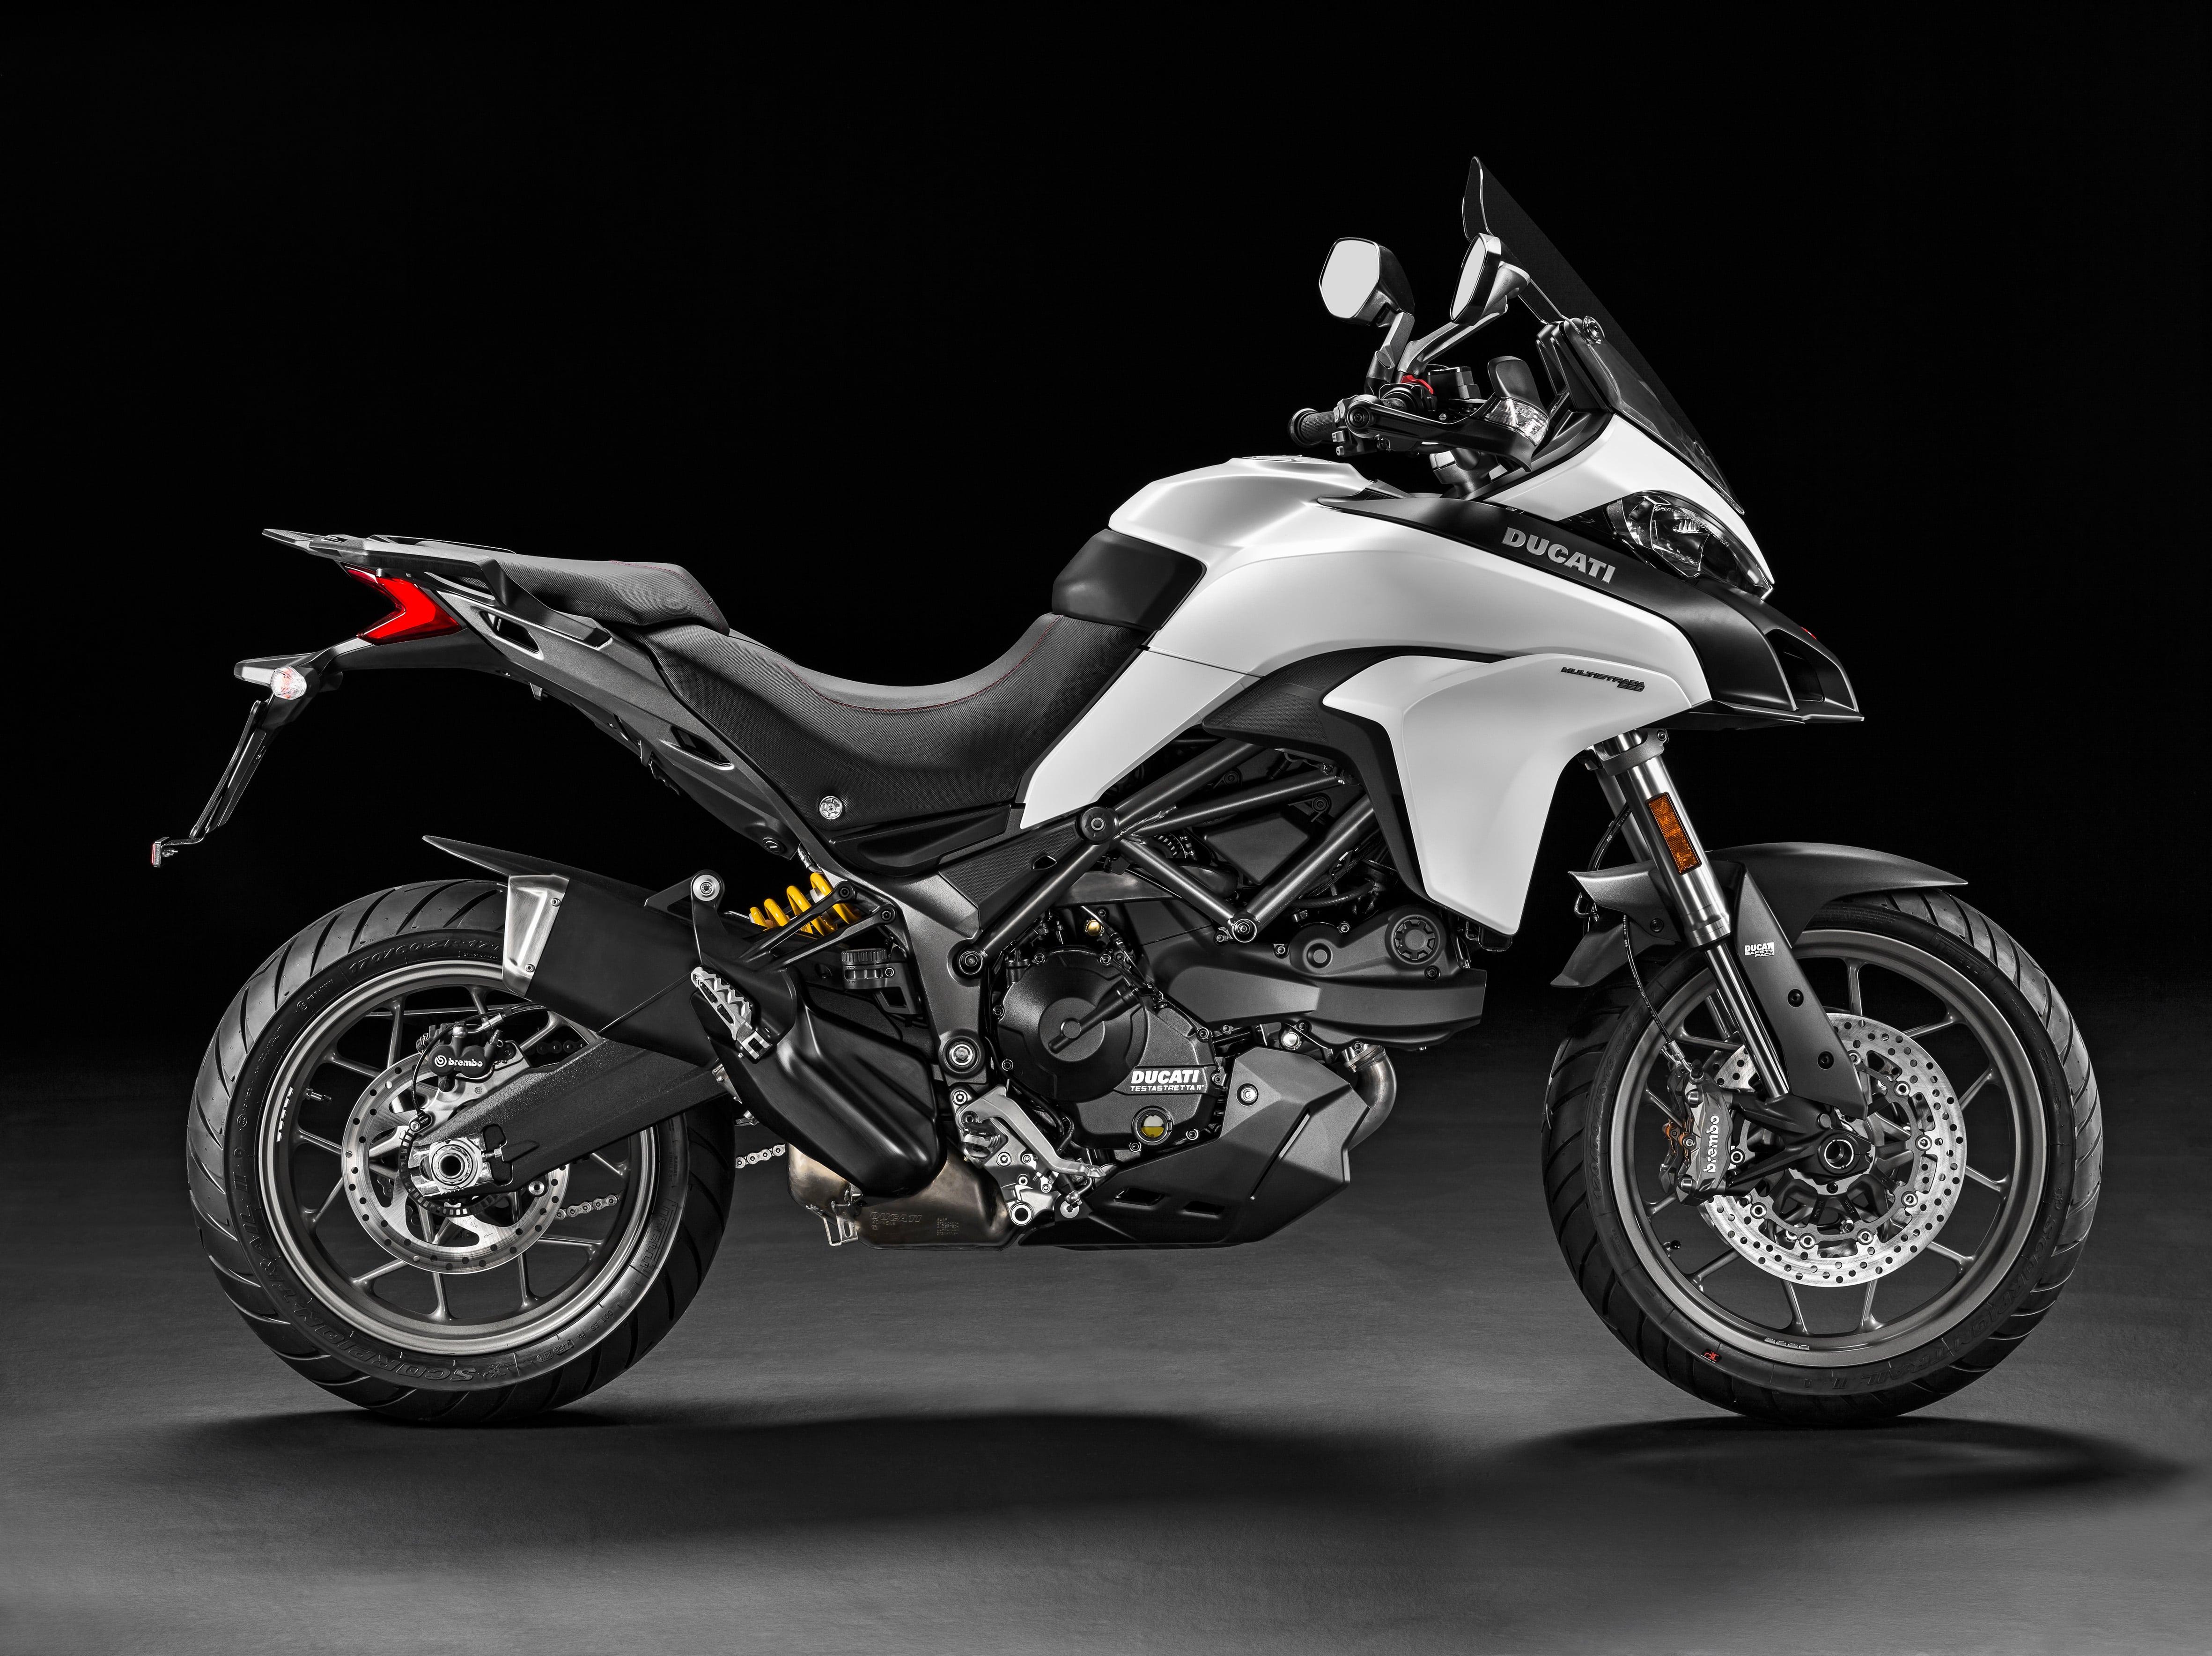 Multistrada Ducati 950 nuovi modelli 2017